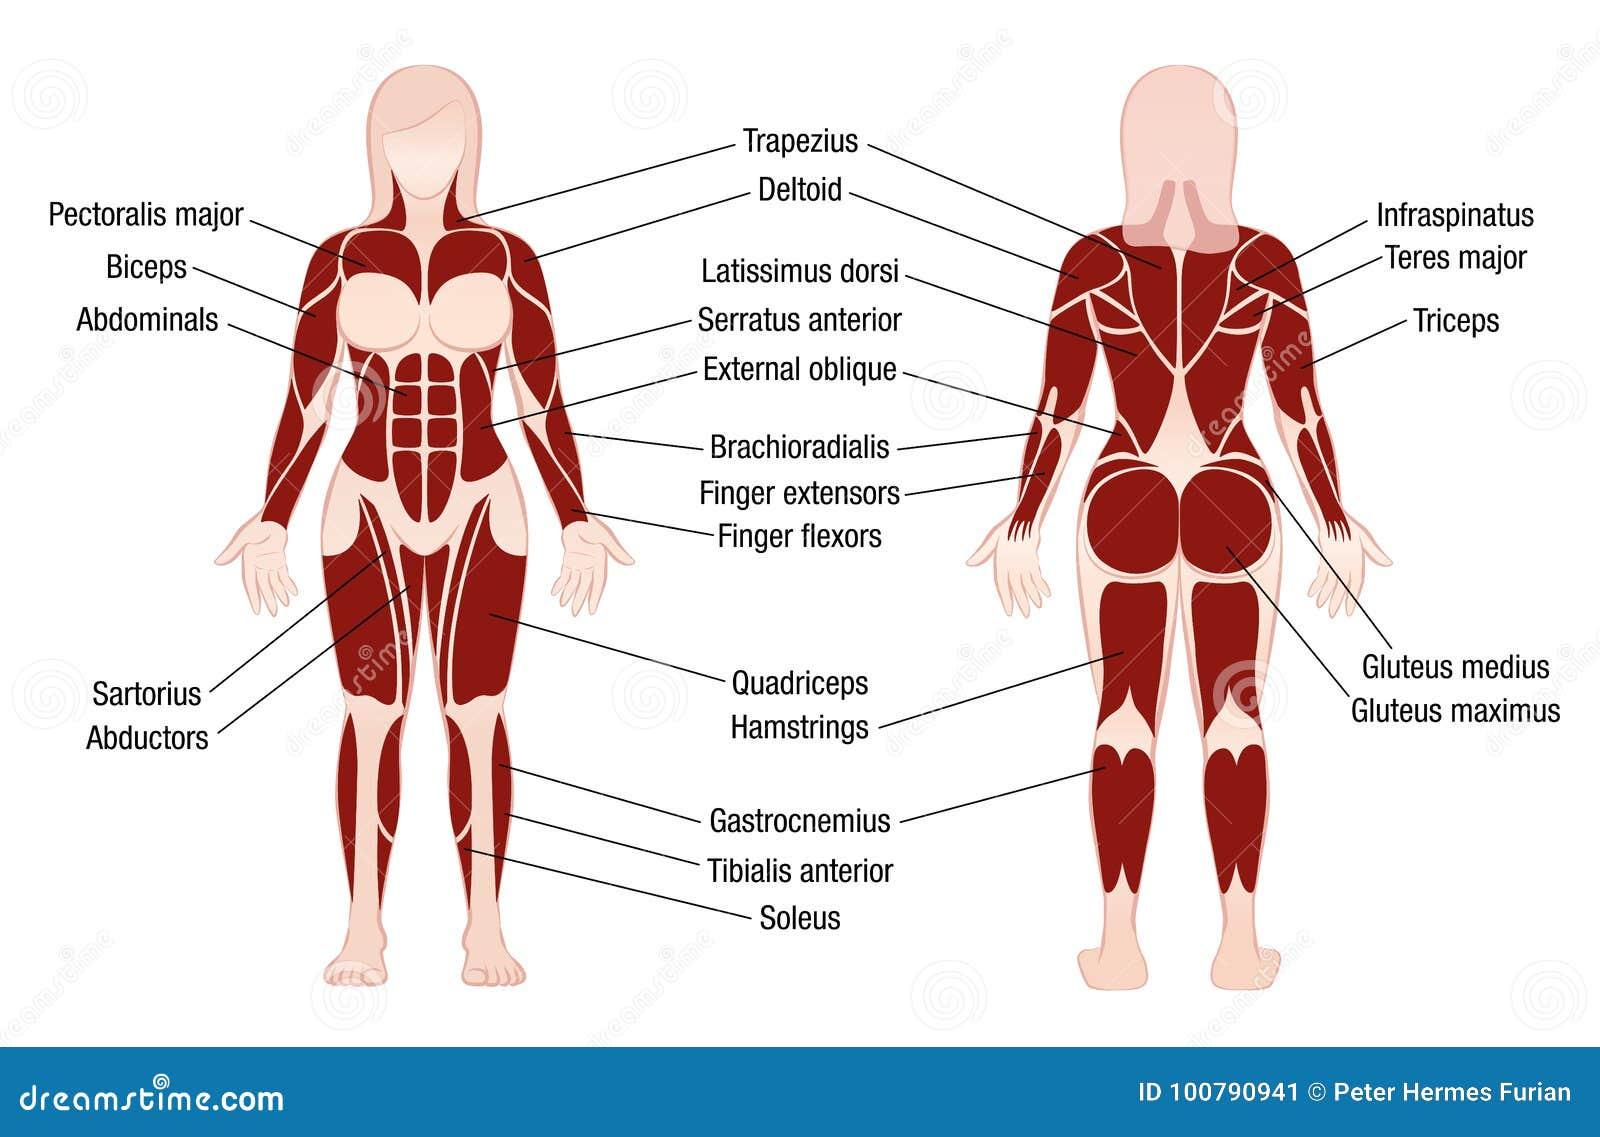 Encantador Cartas Musculares Anatomía Bosquejo - Imágenes de ...